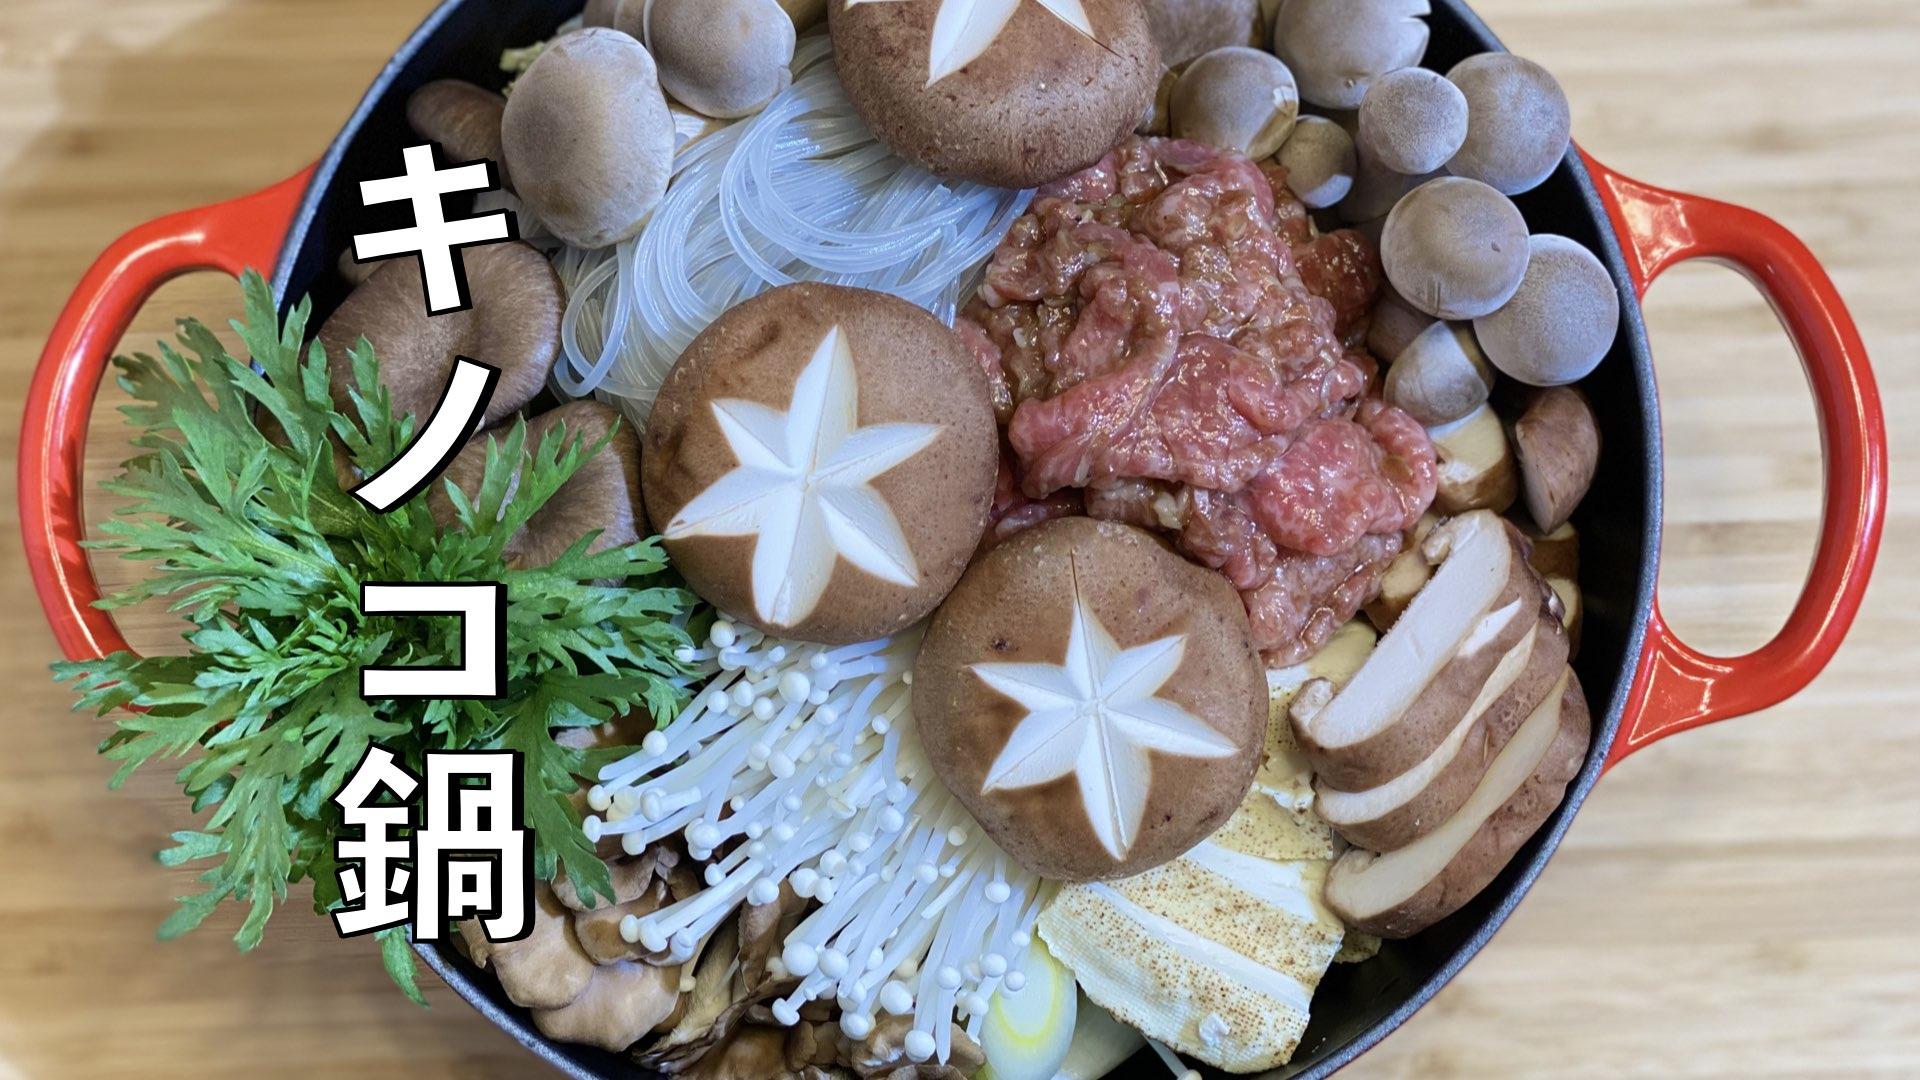 きのこ鍋 | Olive家の簡単レシピ | きのこの旨味と牛肉の旨味がギュッと✨きのこ鍋🍲